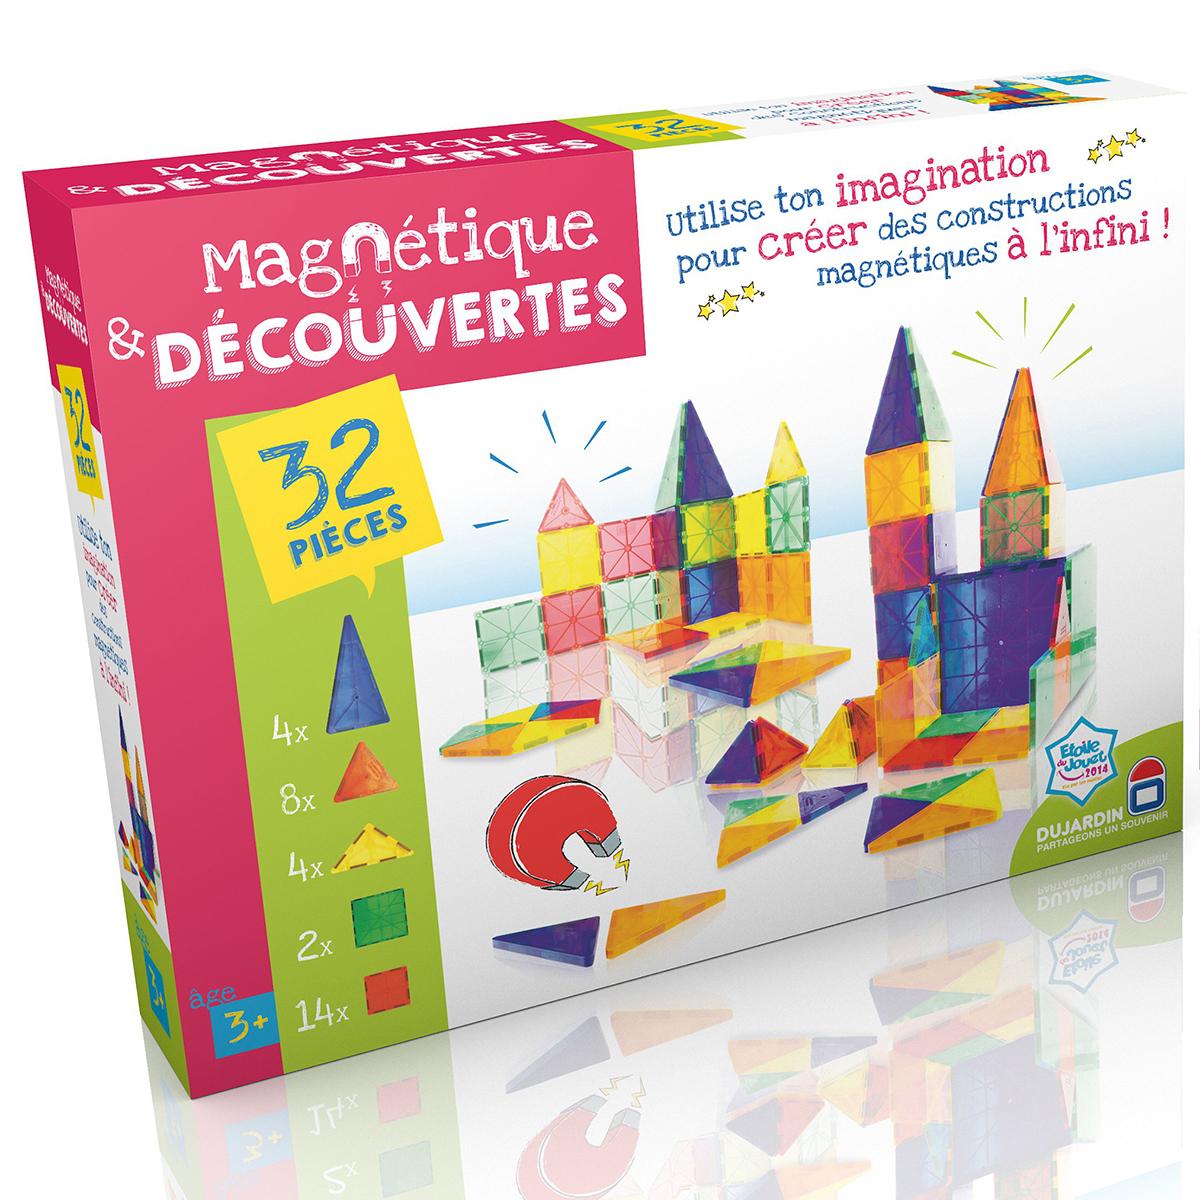 Magnétique et découvertes - boite 32 pièces - Dujardin